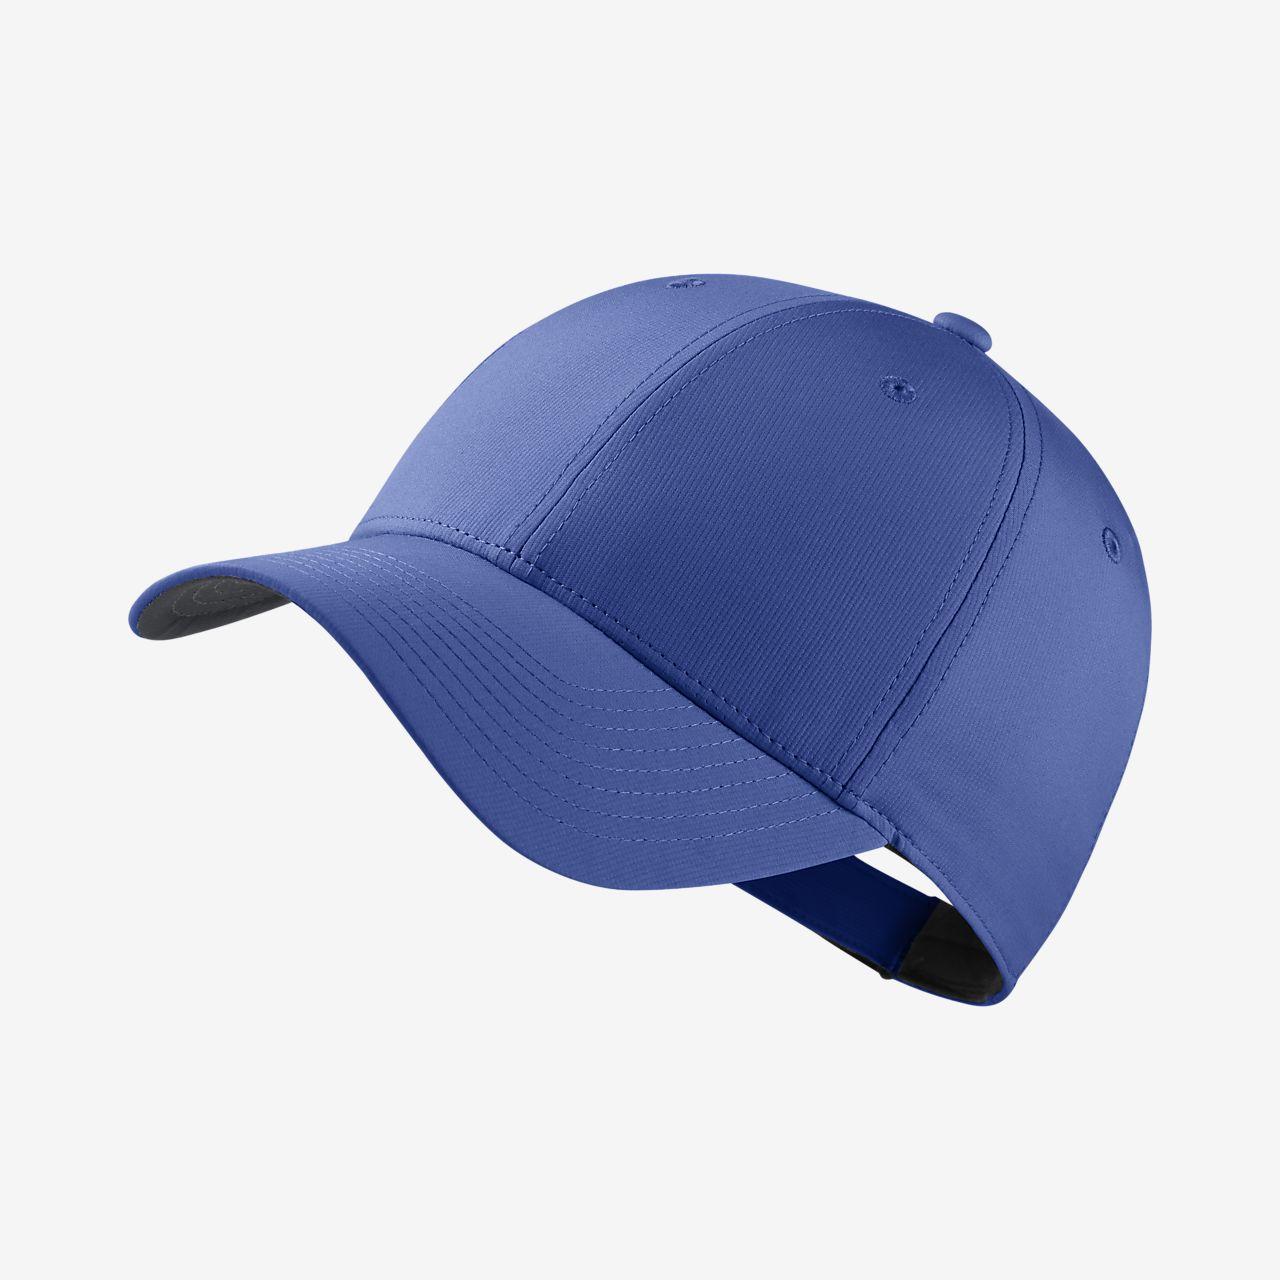 3cf29f8d3bf Nike Dri-FIT Legacy91 Golf Hat. Nike.com CA